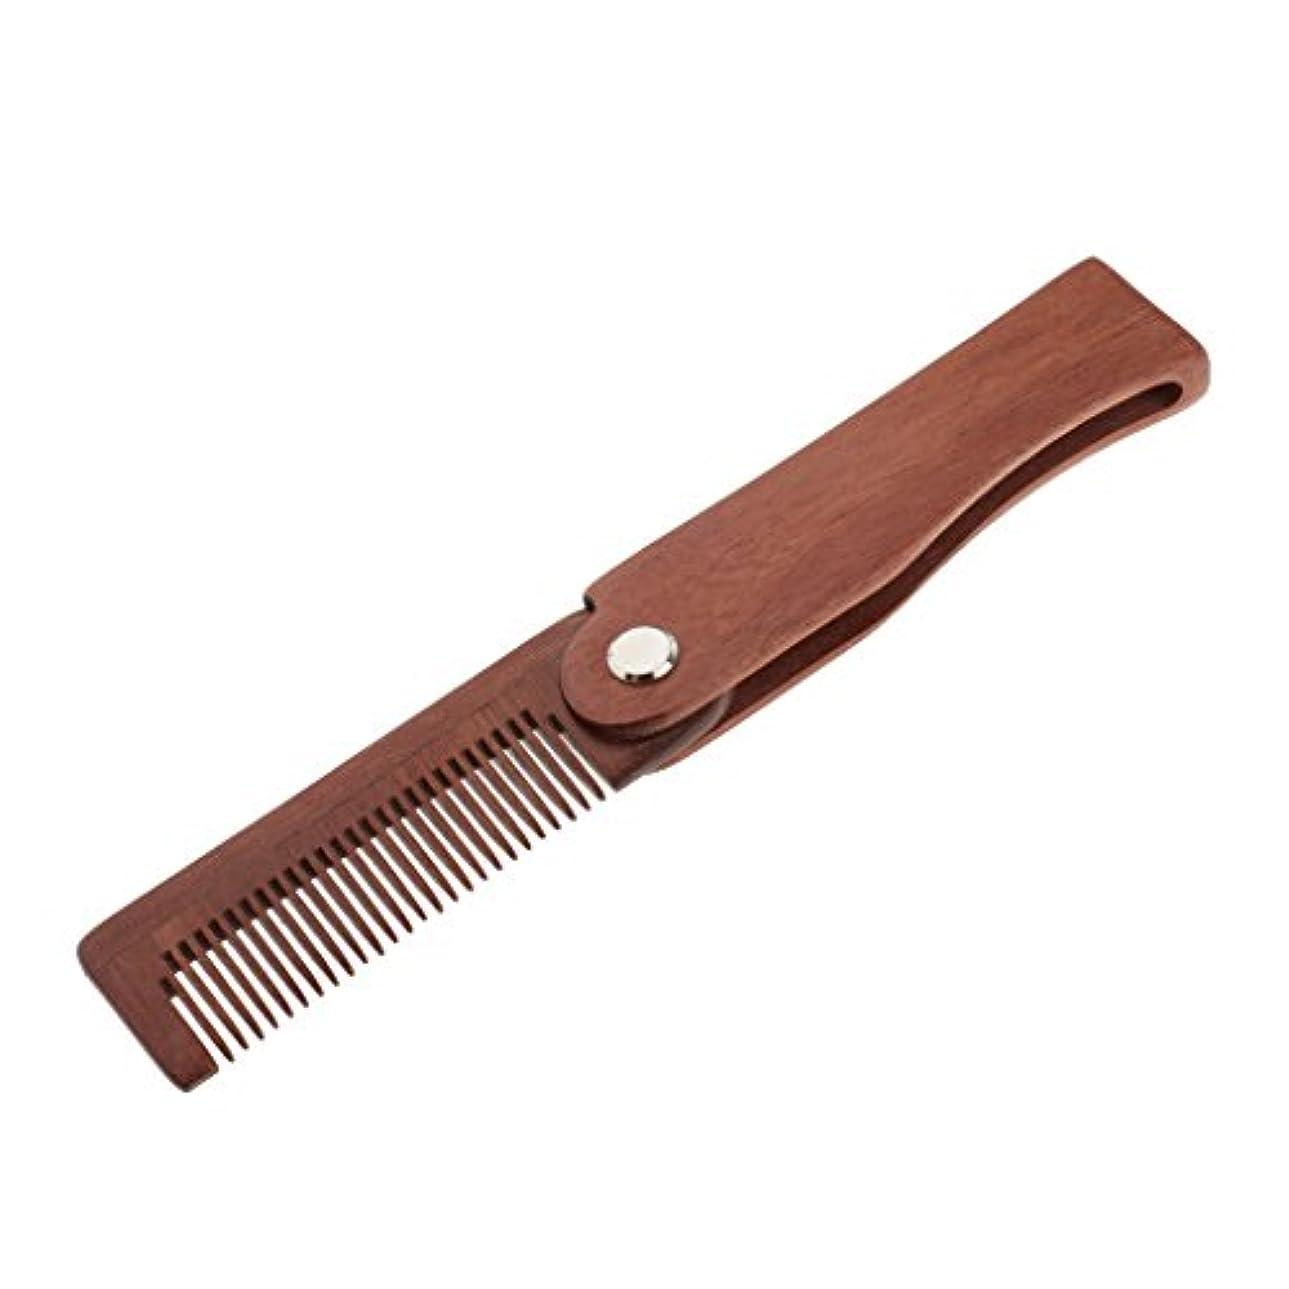 ショルダー言うサスペンションひげ剃り櫛 木製櫛 折りたたみ コーム メンズ 髭剃り 便利 旅行小物